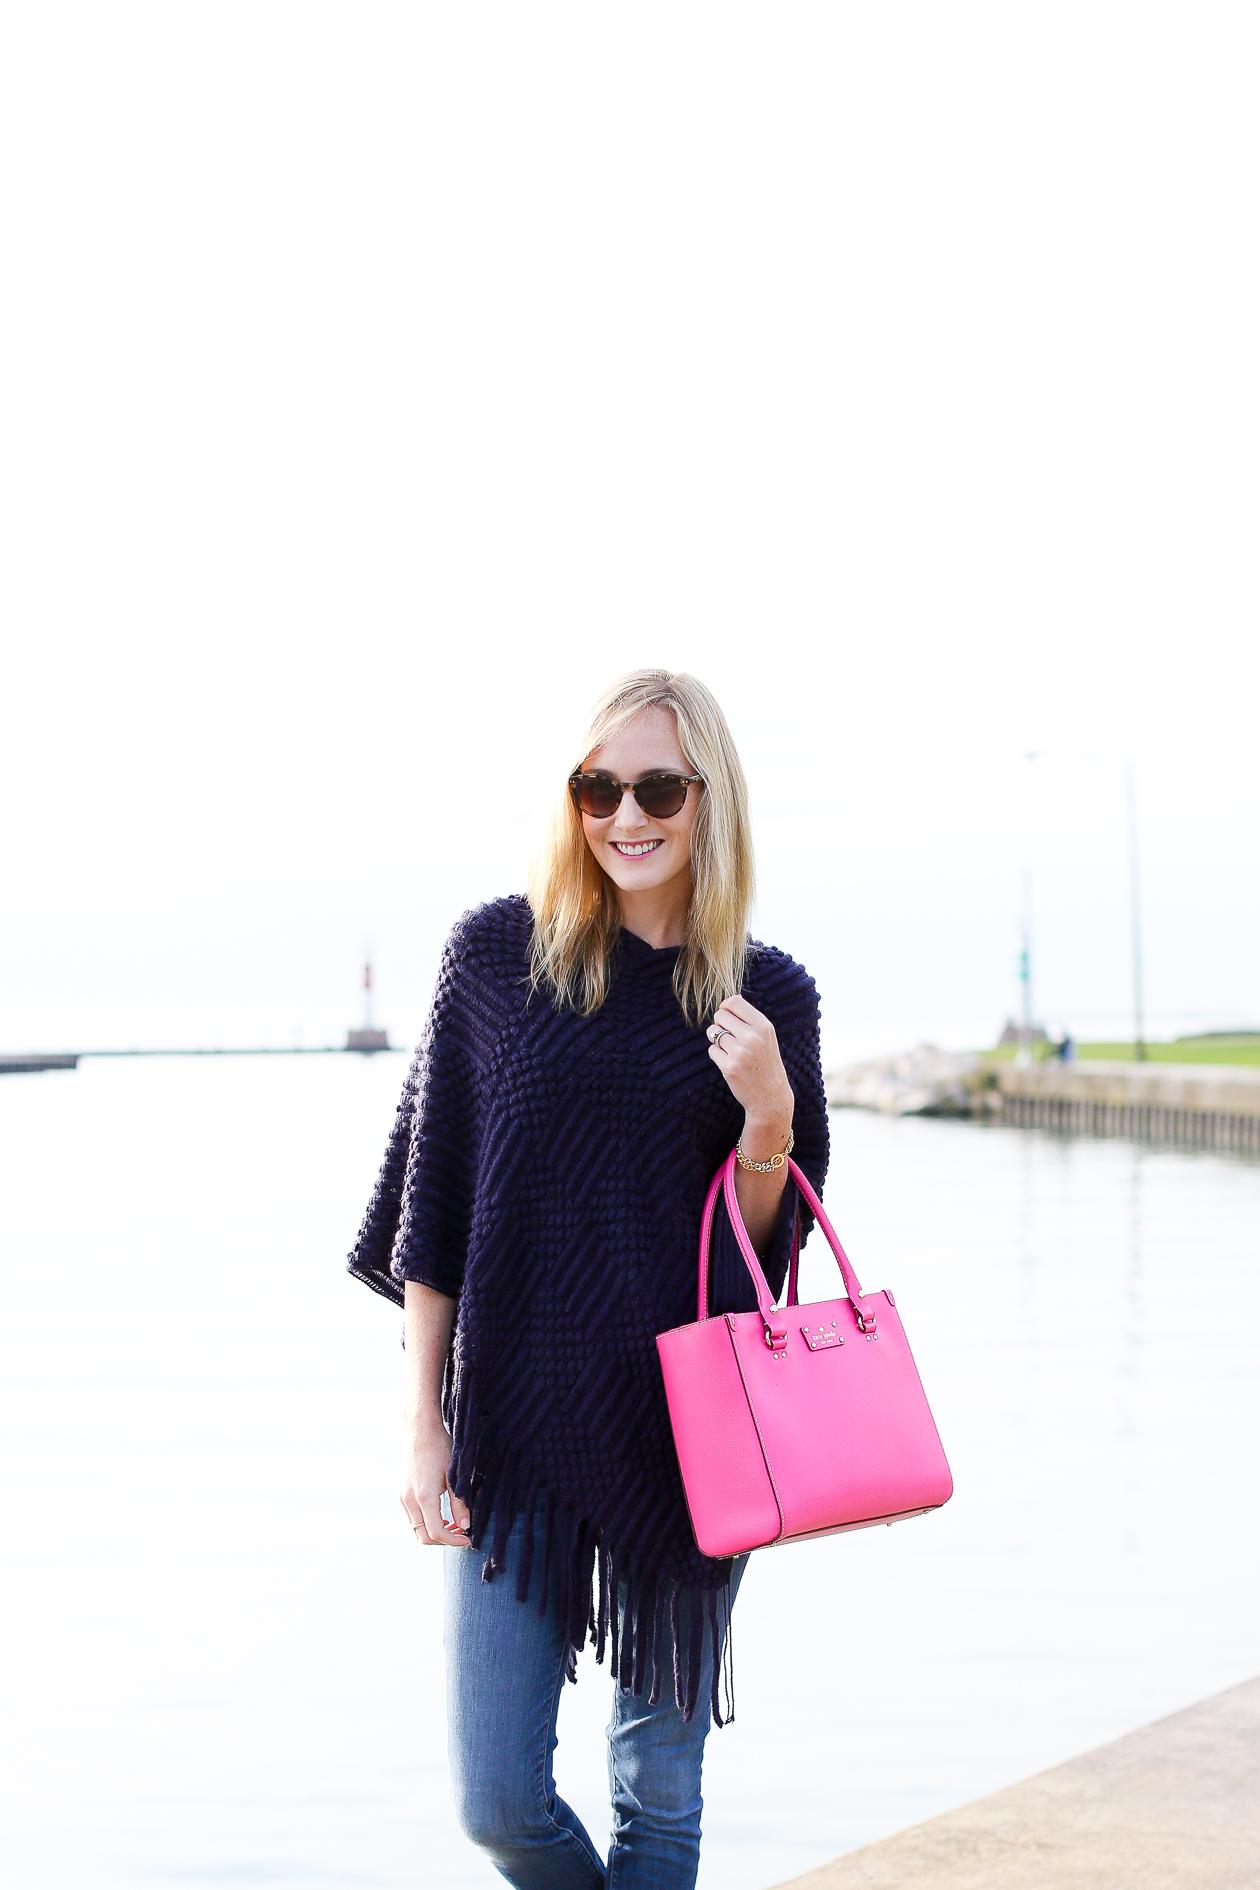 Pink Square Kate Spade Bag-105